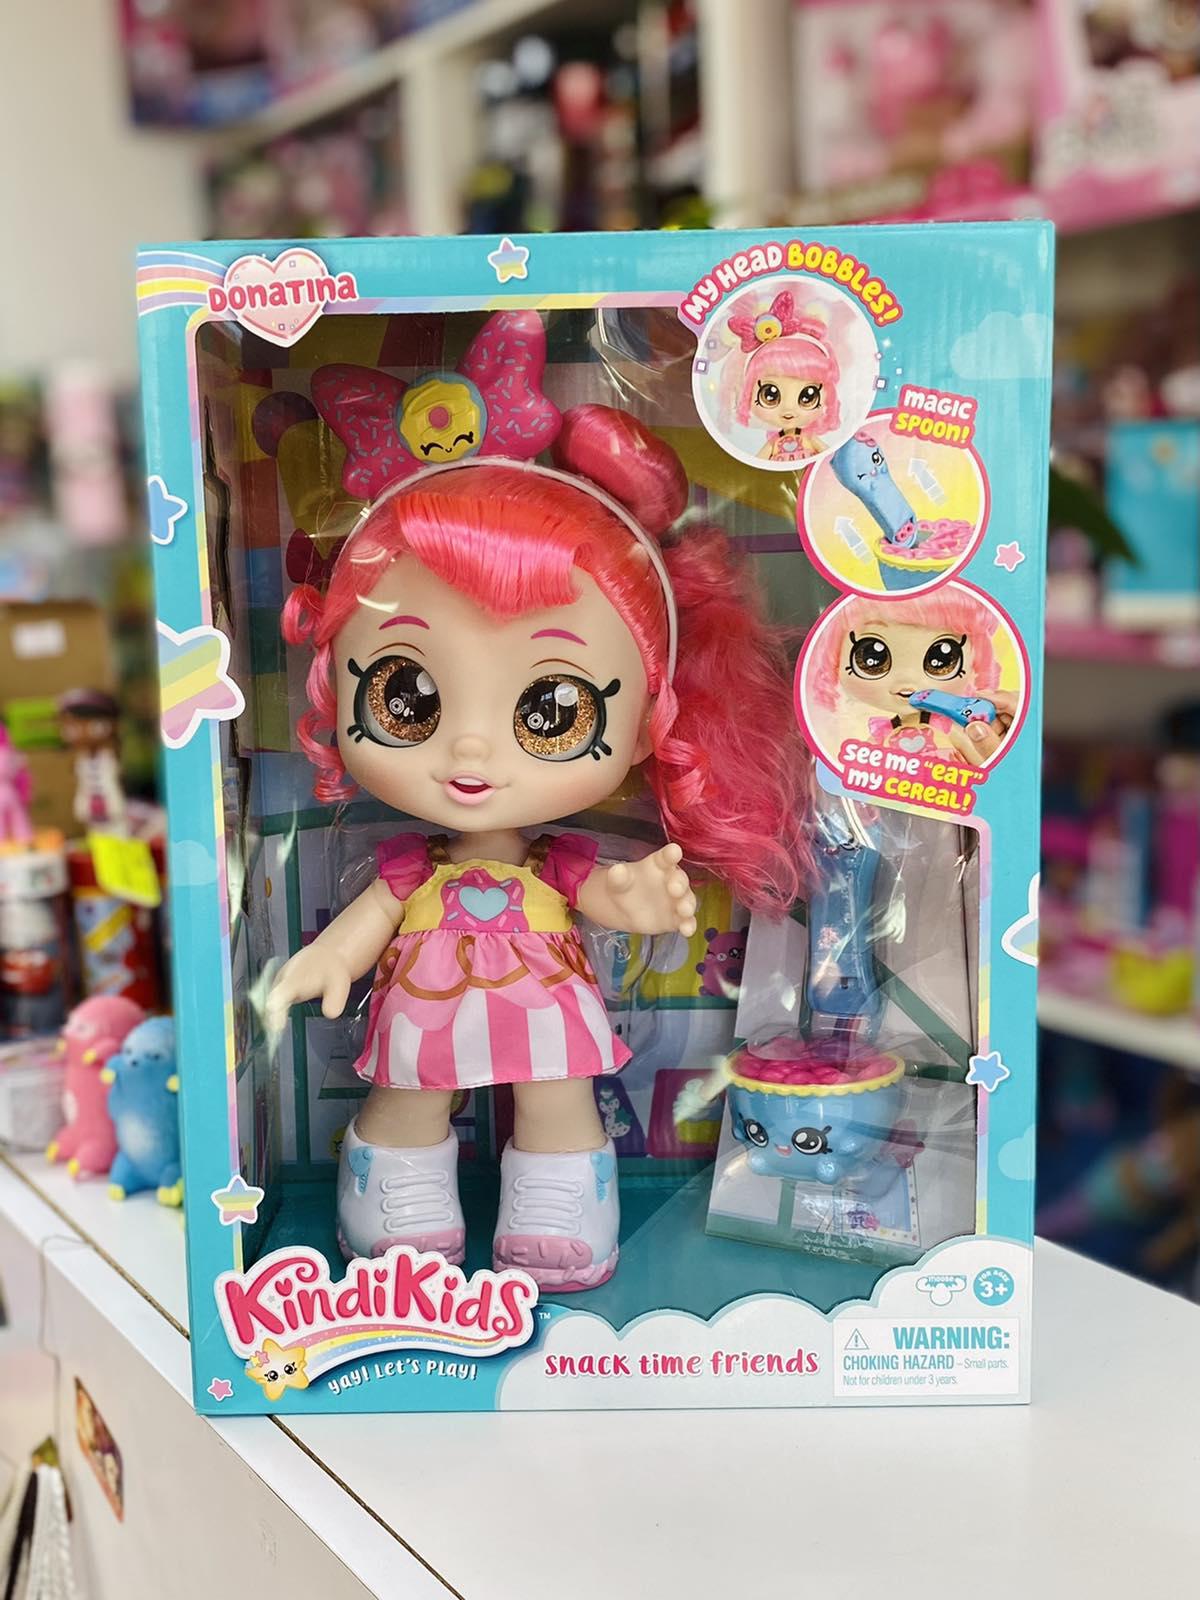 Кукла Kindi Kids Донатина Кинди Кидс Donatina Snack Time Friends с аксессуарами